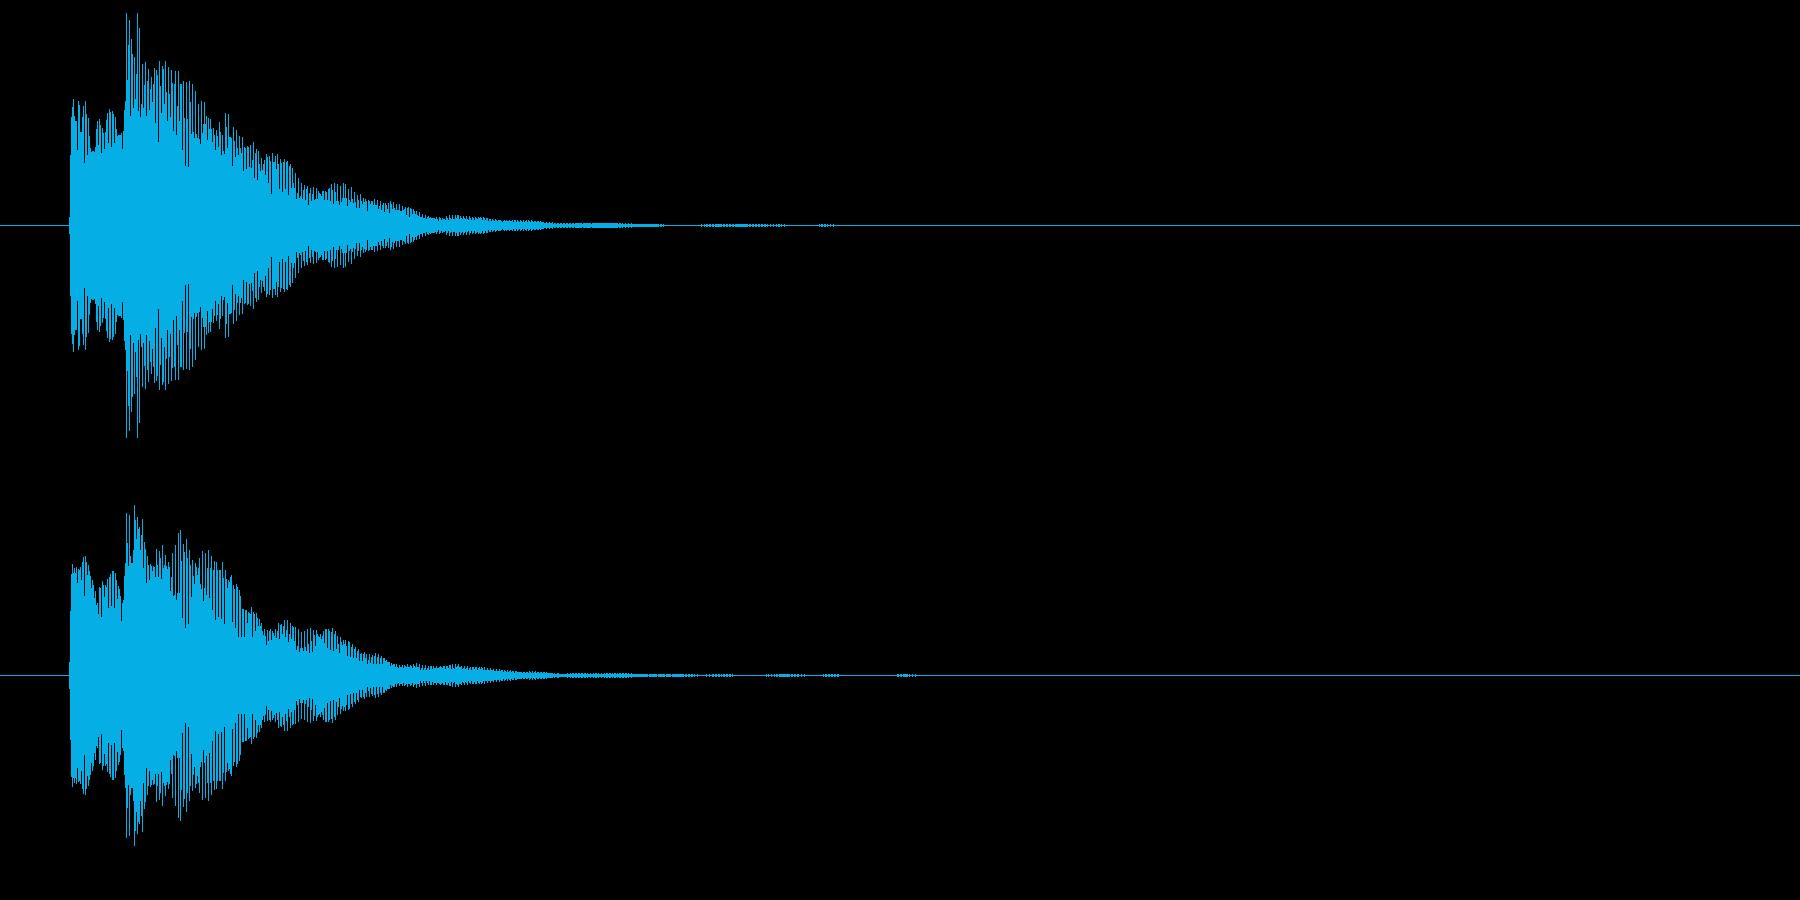 チャリンという決済音/コインの音(低音)の再生済みの波形